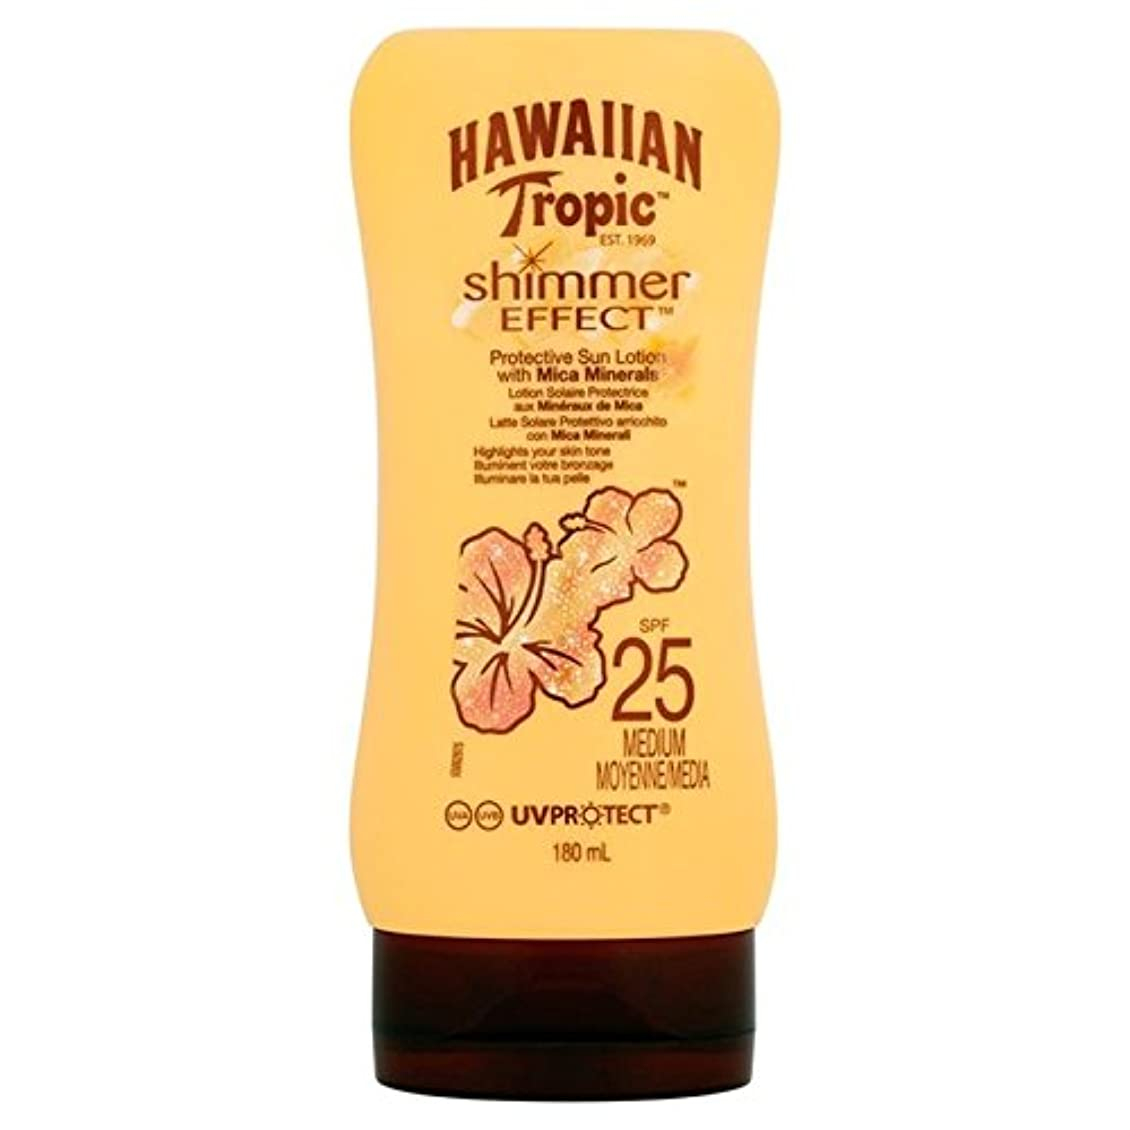 活性化する争う槍南国ハワイシルクきらめき効果の日焼け止めクリーム 25 180ミリリットル x4 - Hawaiian Tropic Silk Shimmer Effect Sun Cream SPF 25 180ml (Pack of...